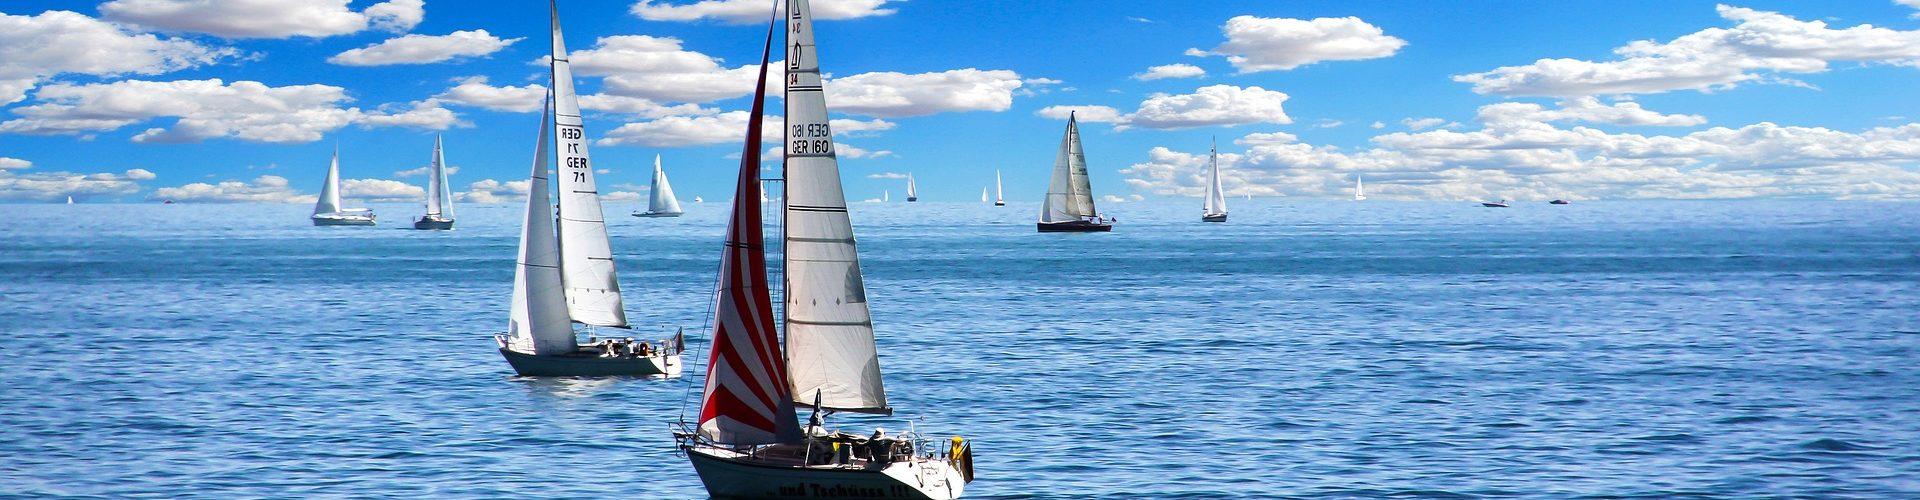 segeln lernen in Falkensee segelschein machen in Falkensee 1920x500 - Segeln lernen in Falkensee